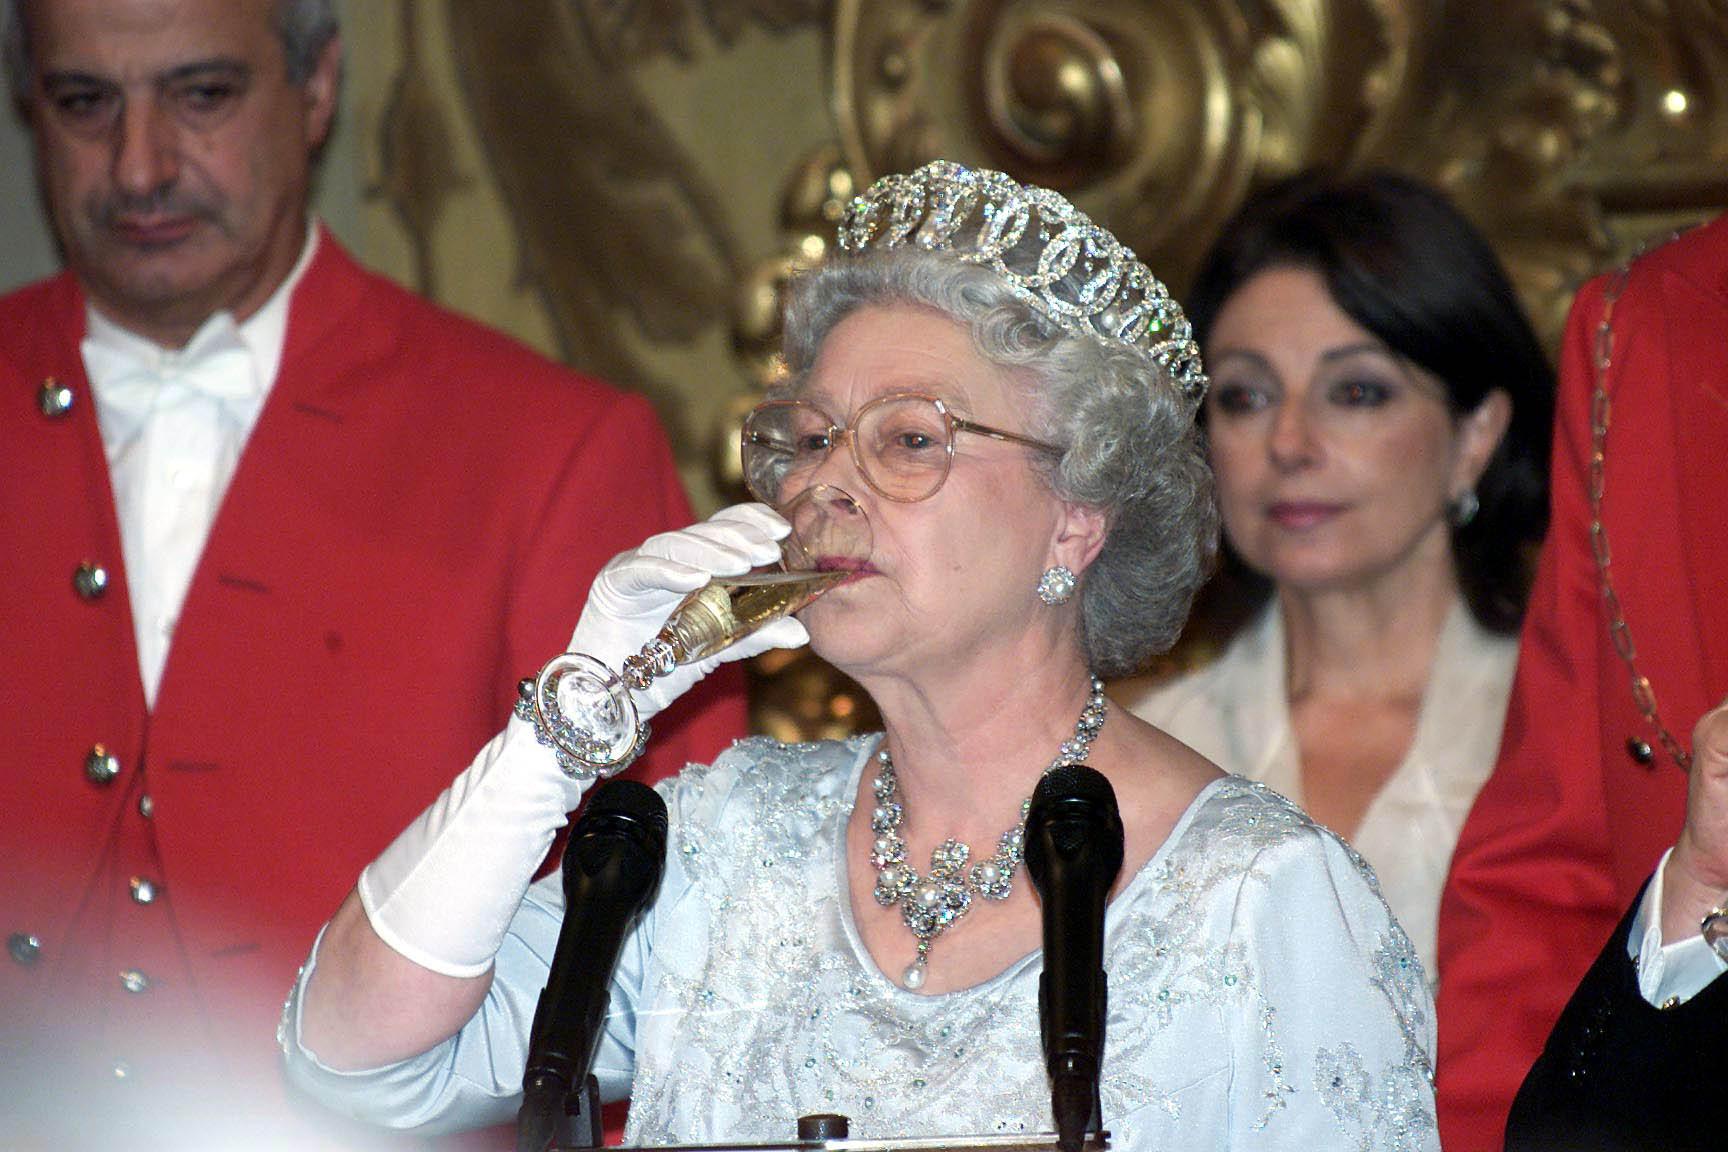 Queen drinking